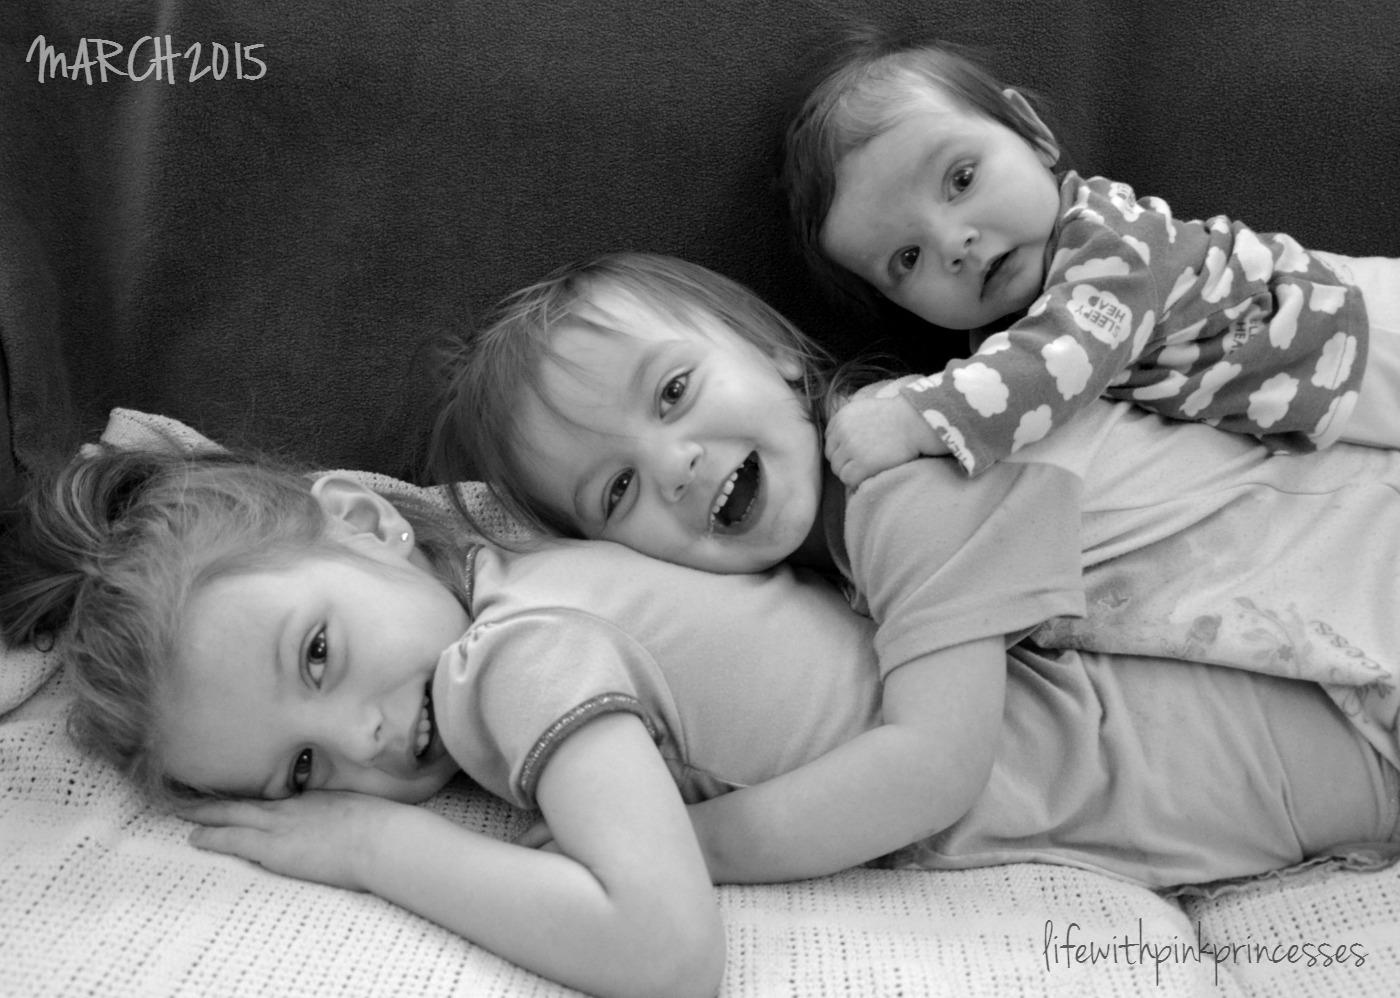 siblings march 2015